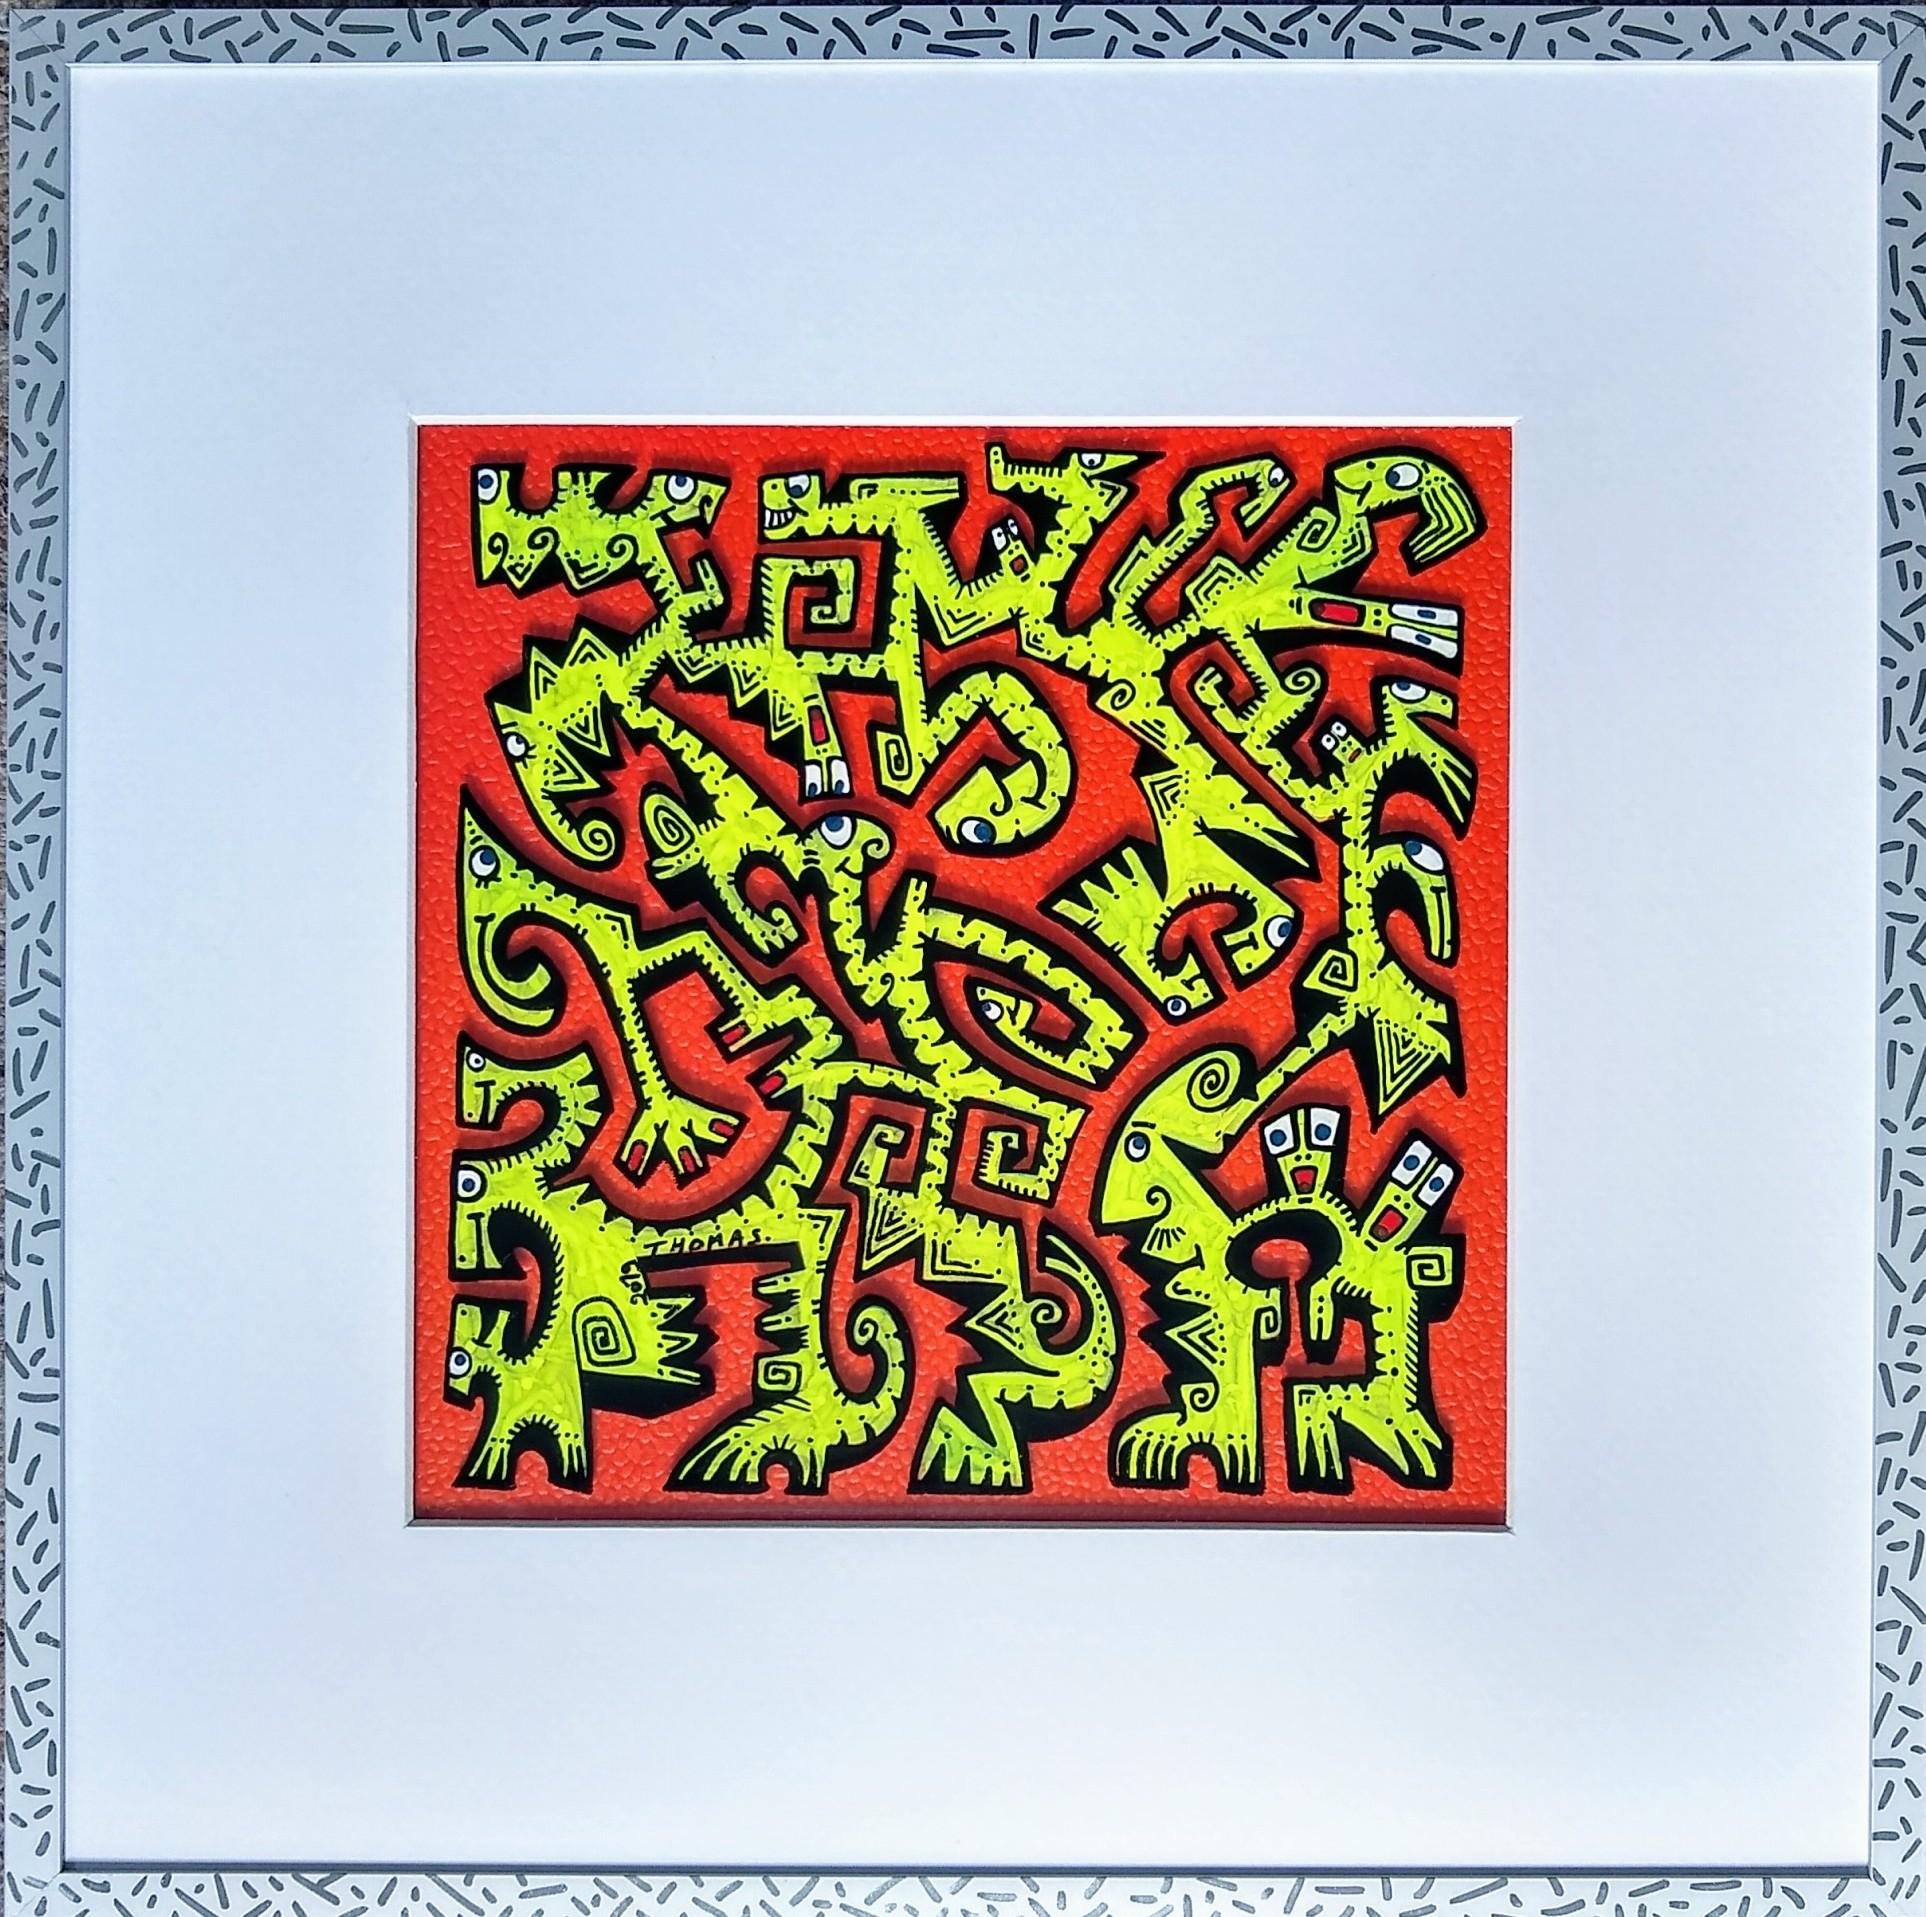 Titre : PT7/feutres acrylique sur verre synthétique/cadre aluminium gris et chrome/ fond papier effet cuir rouge/ format dessin : 19/19 cm/format du cadre: 33/33cm prix : 70 euros